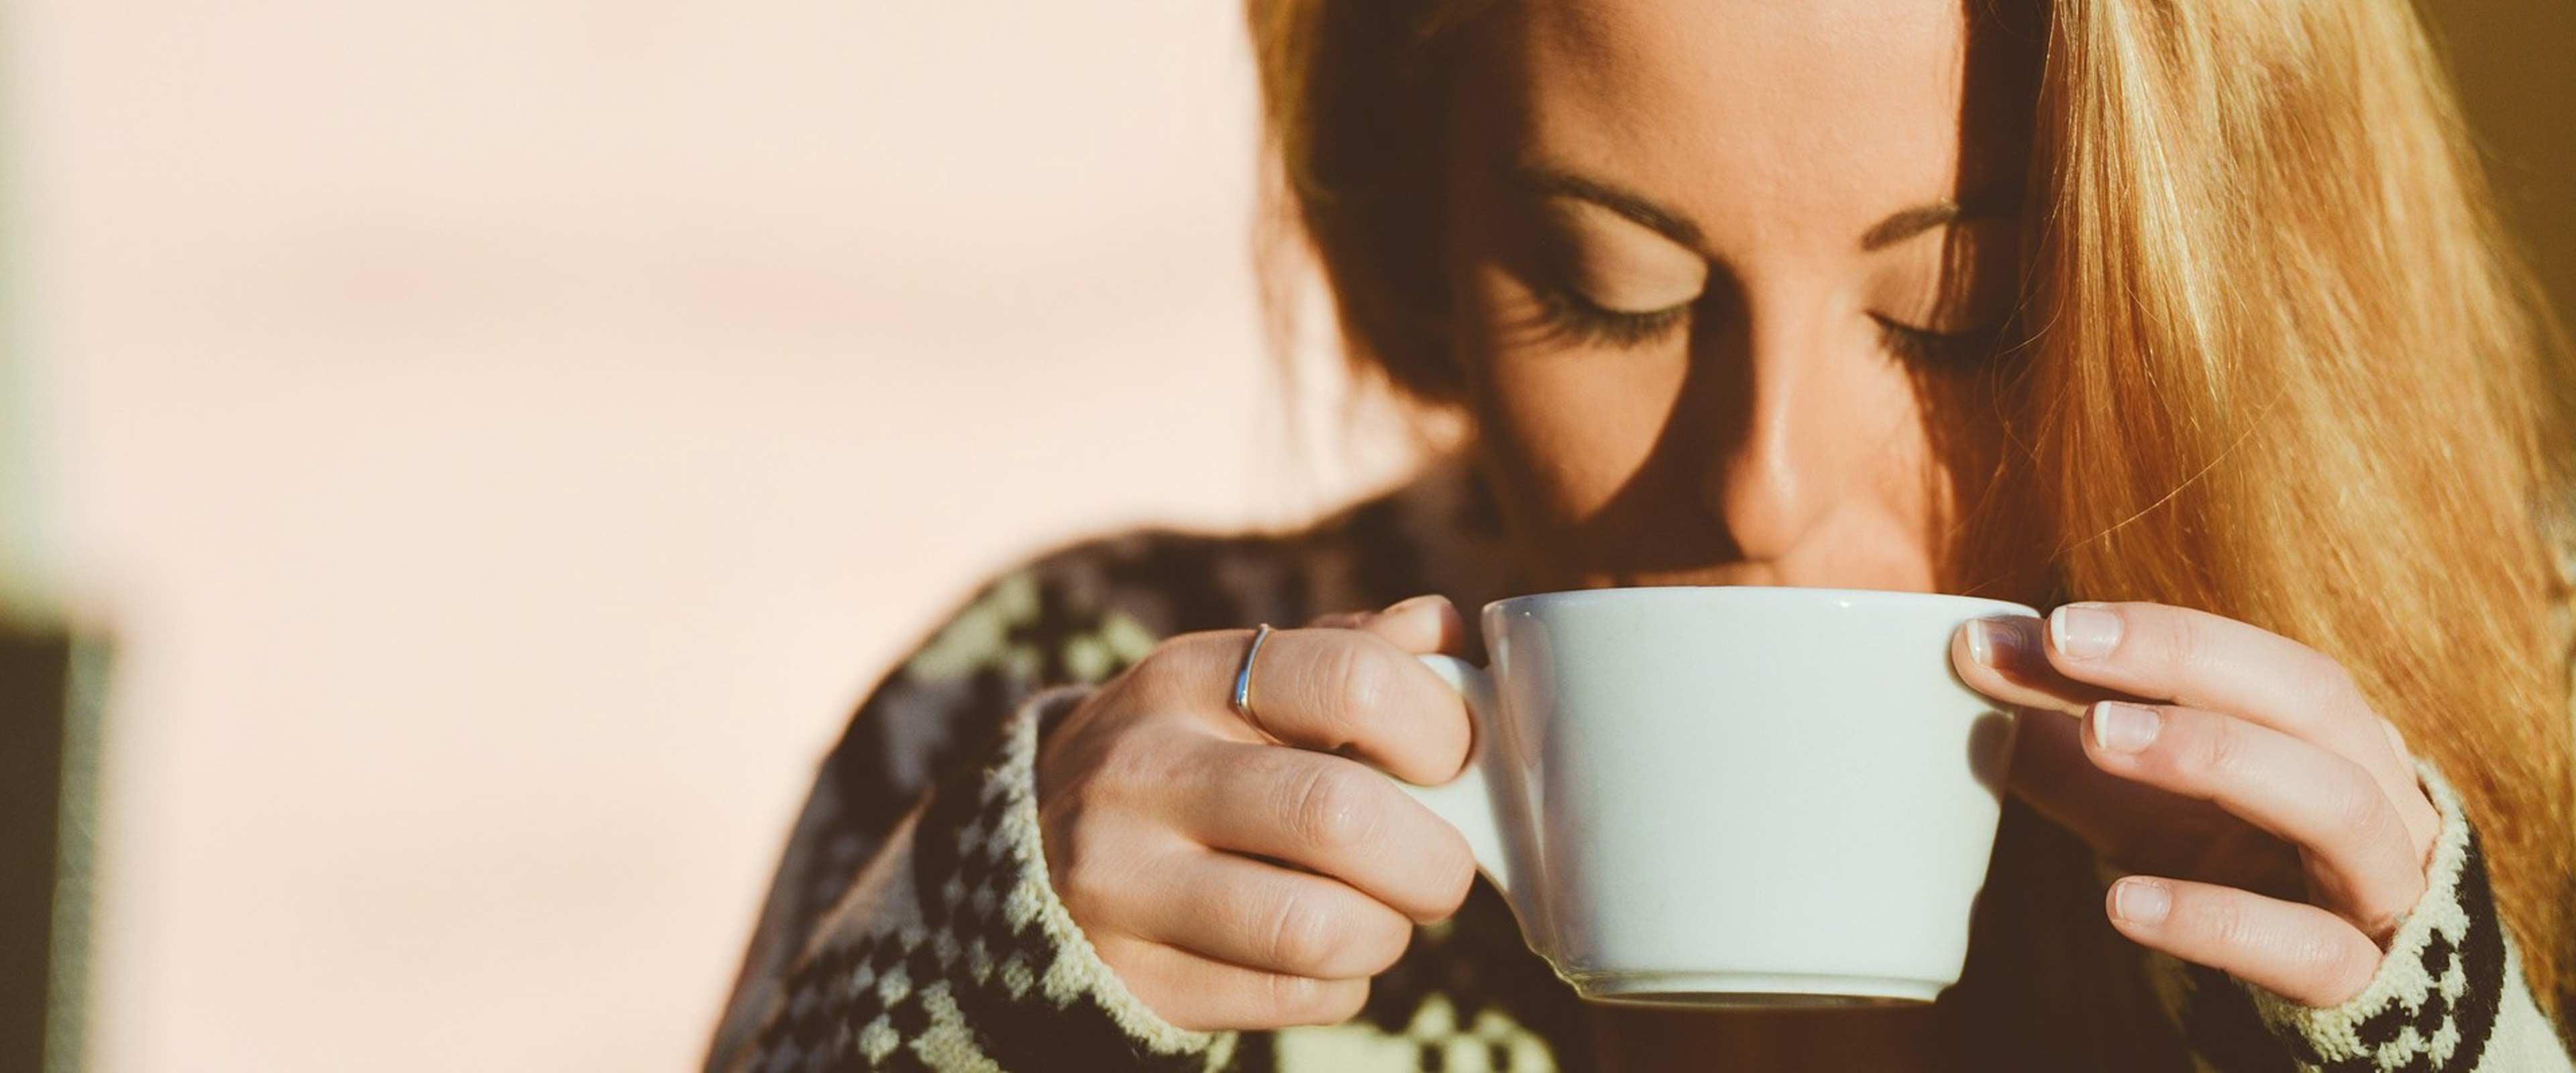 kaffe-darmkrebs-whatshealth